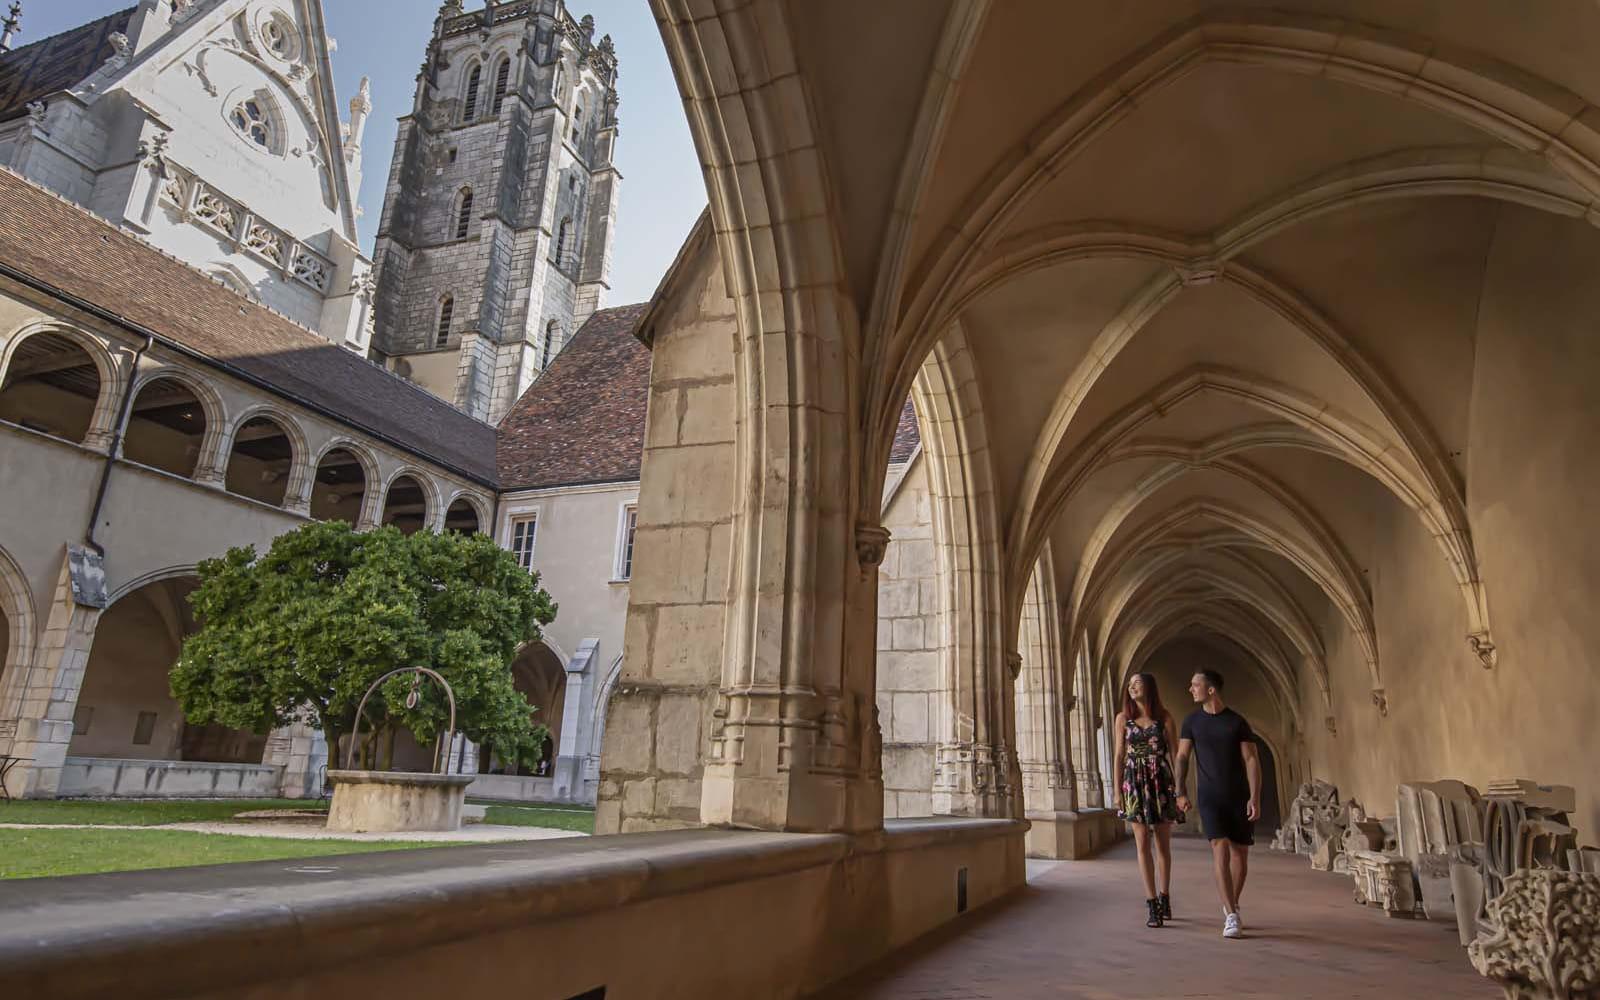 visite du monastère royal de Brou à Bourg-en-Bresse, élu monument préféré des français en 2014